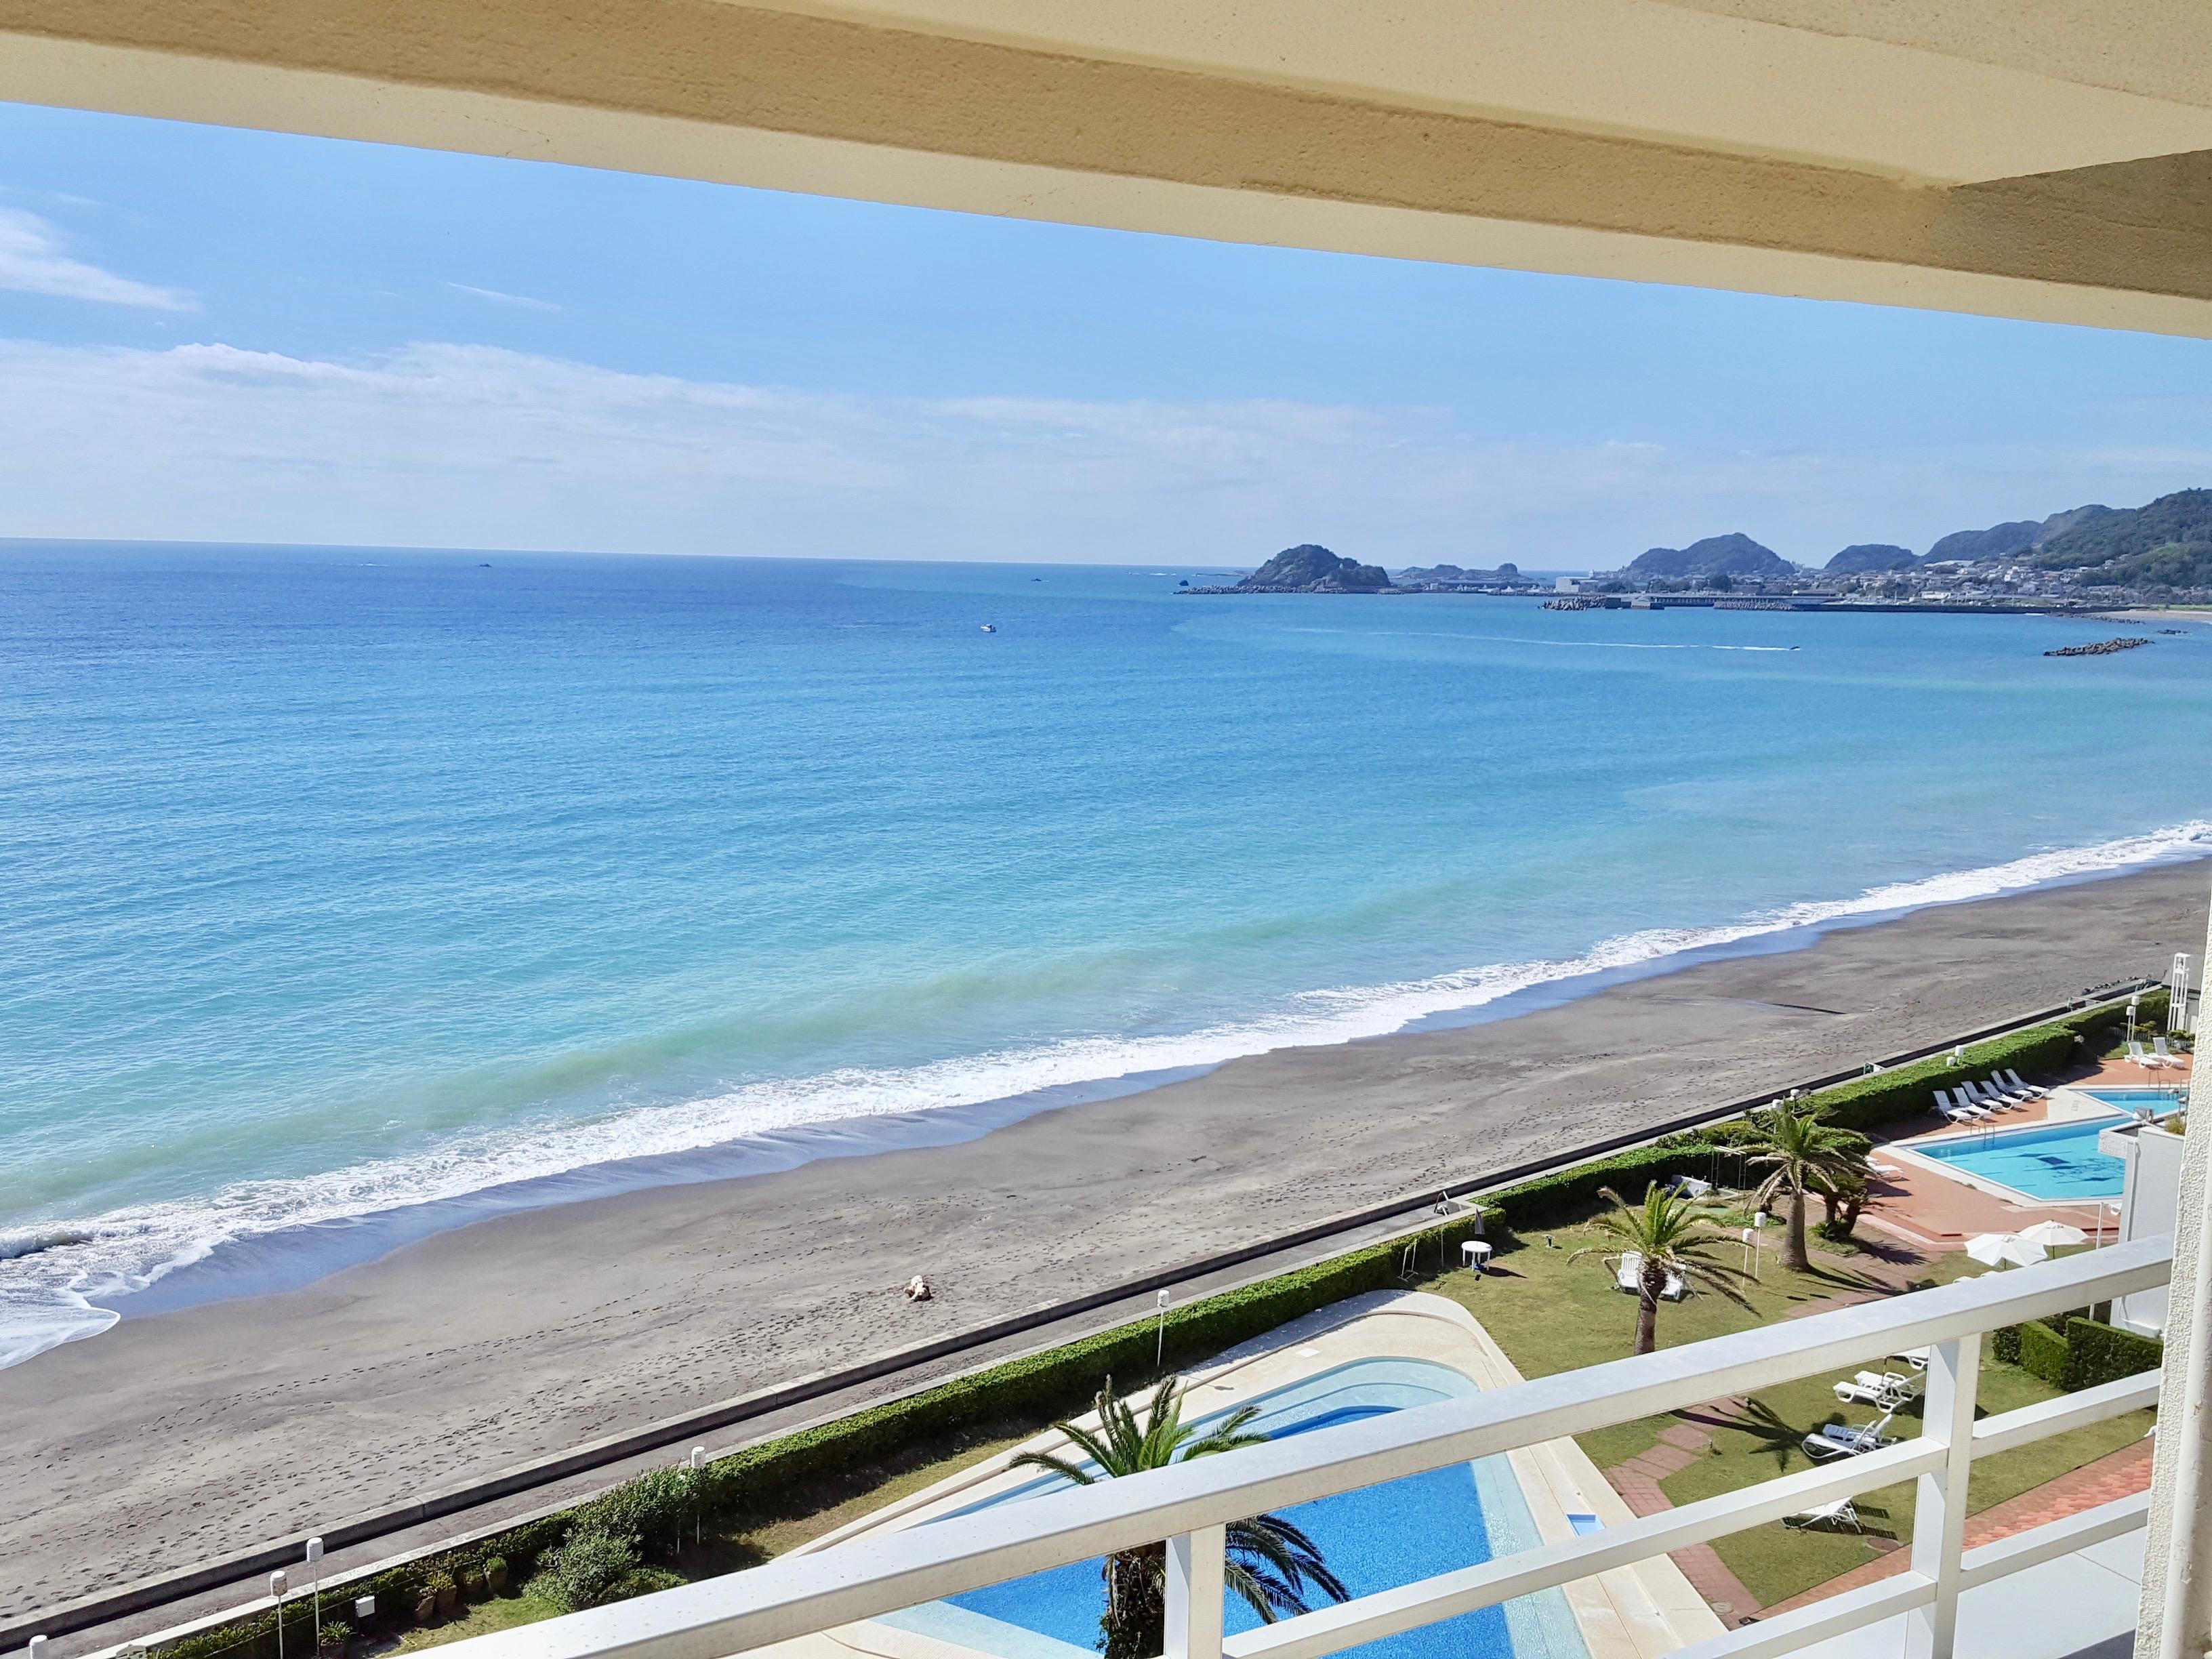 鴨川グランドホテルの部屋から見える海とプールの景色